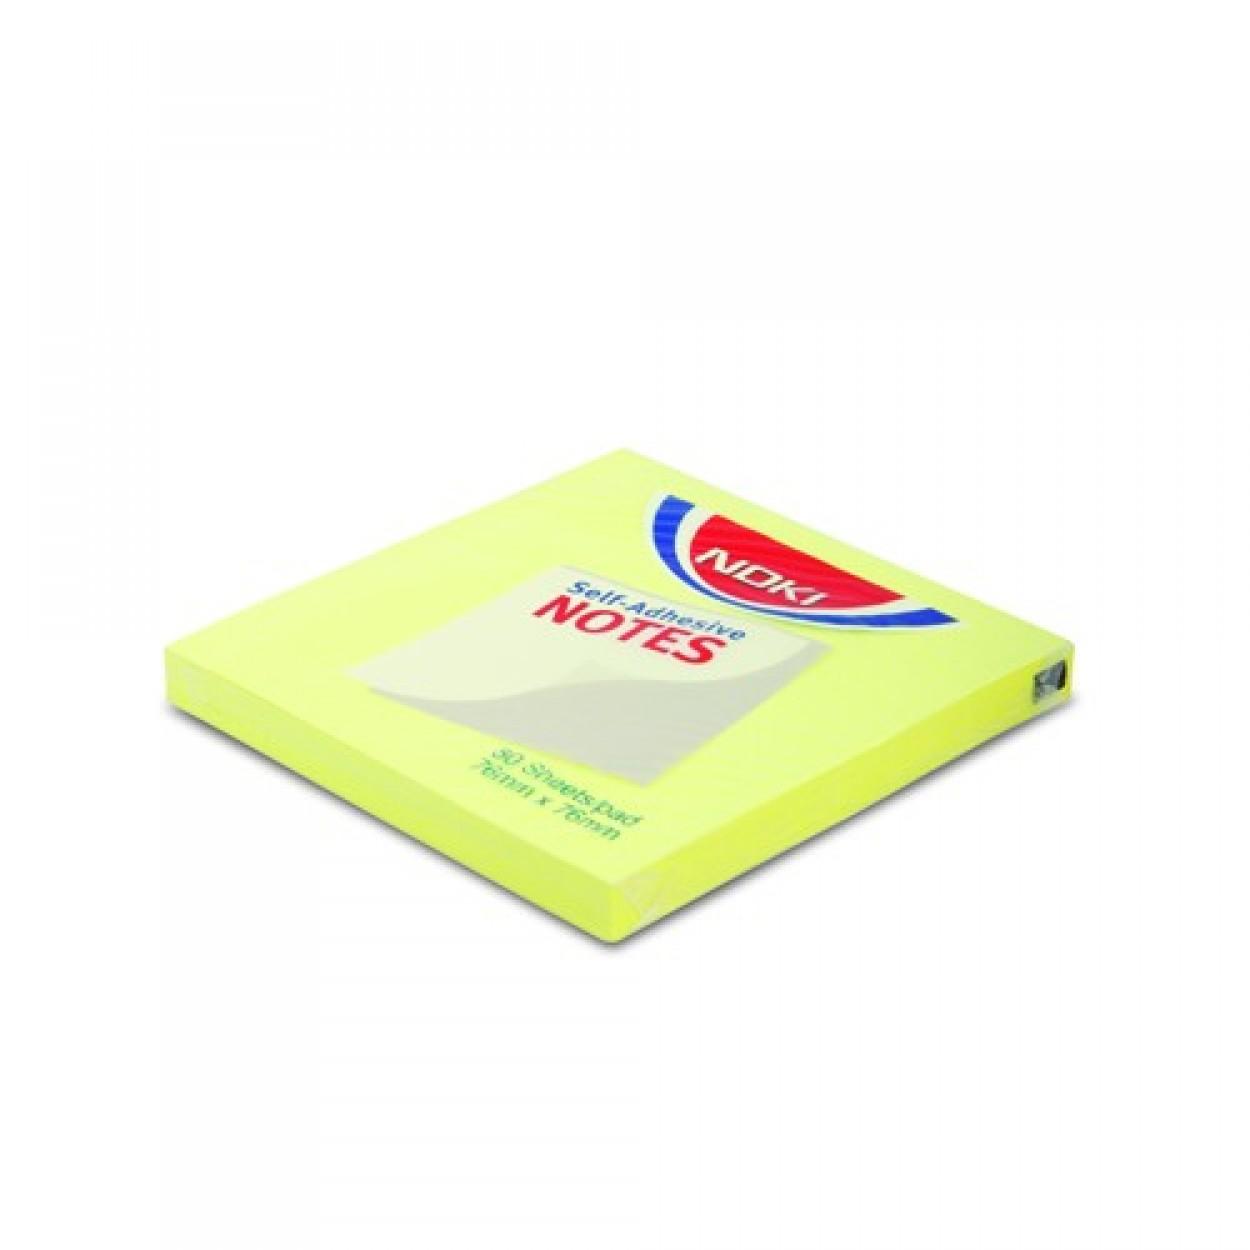 Noki Memo Stıck 50*75 Limon Sarı Yapışkanlı Not Kağıdı 12 Li Paket